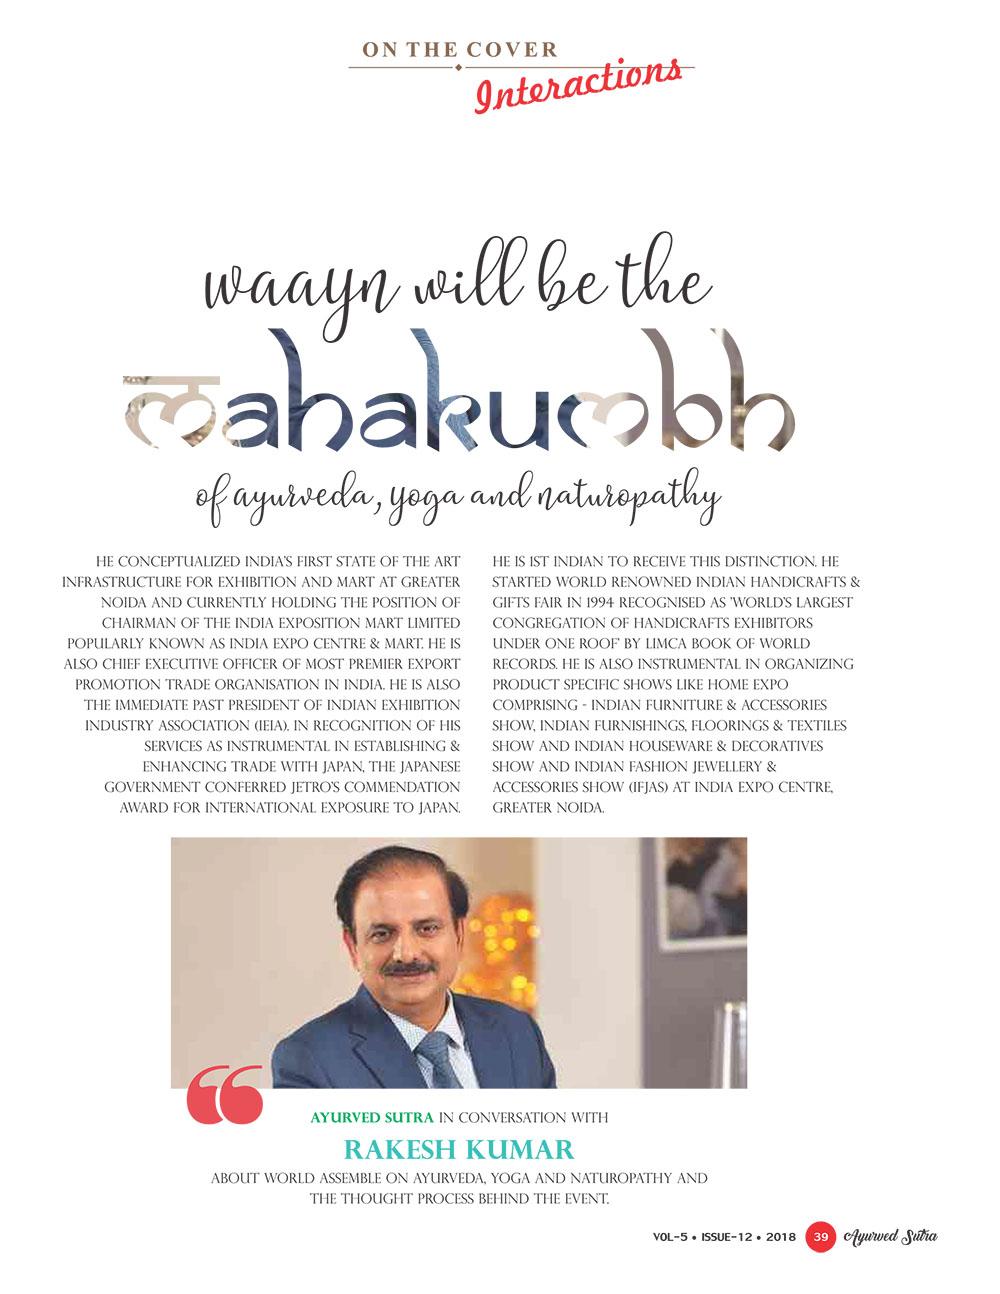 Ayurvedsutra Vol 05 issue 12 41 - 'WAAYN will be the Mahakumbh of Ayurveda, Yoga and Naturopathy'